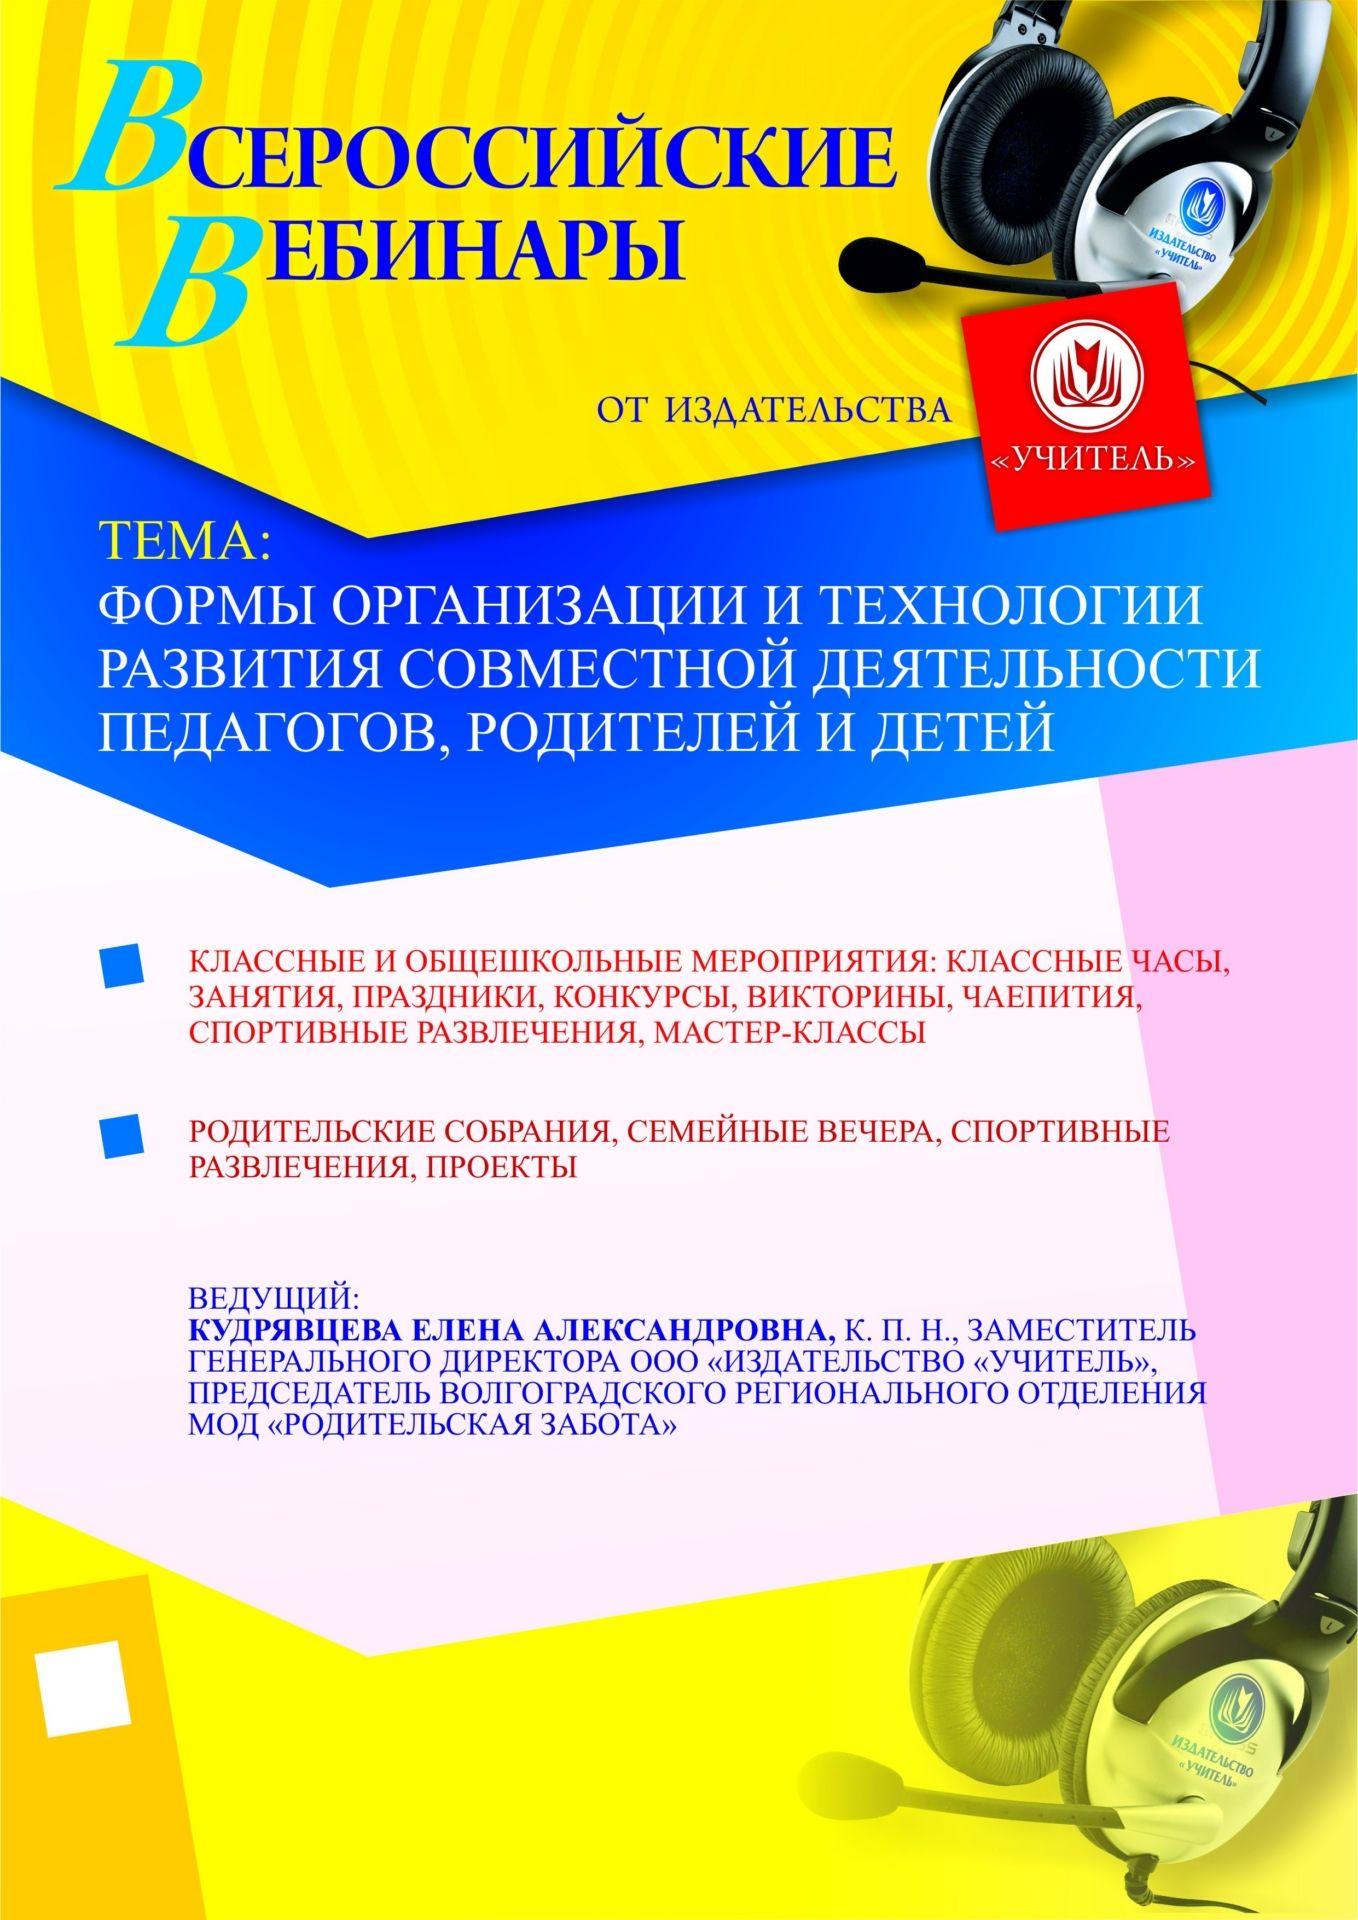 Формы организации и технологии развития совместной деятельности педагогов, родителей и детей фото